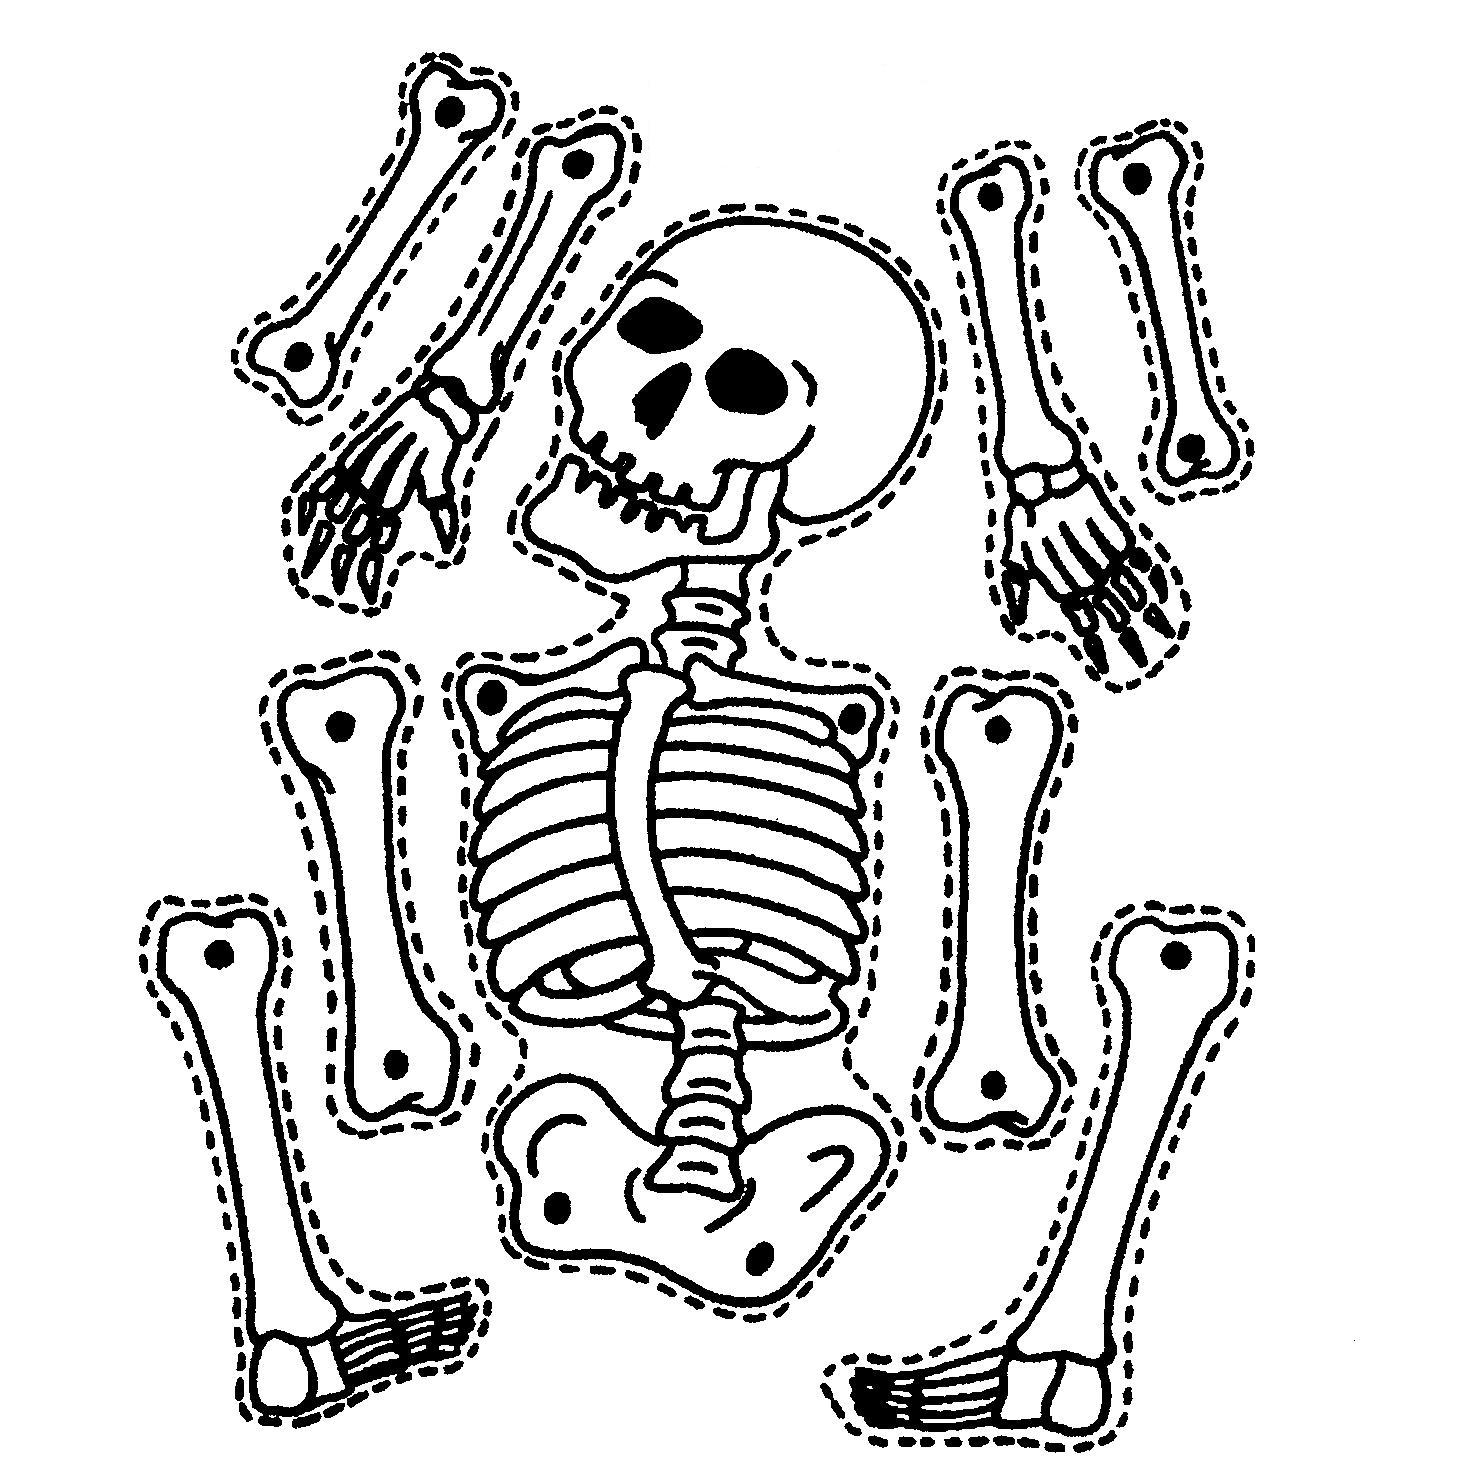 1481x1484 Drawn Skeleton Printable Halloween